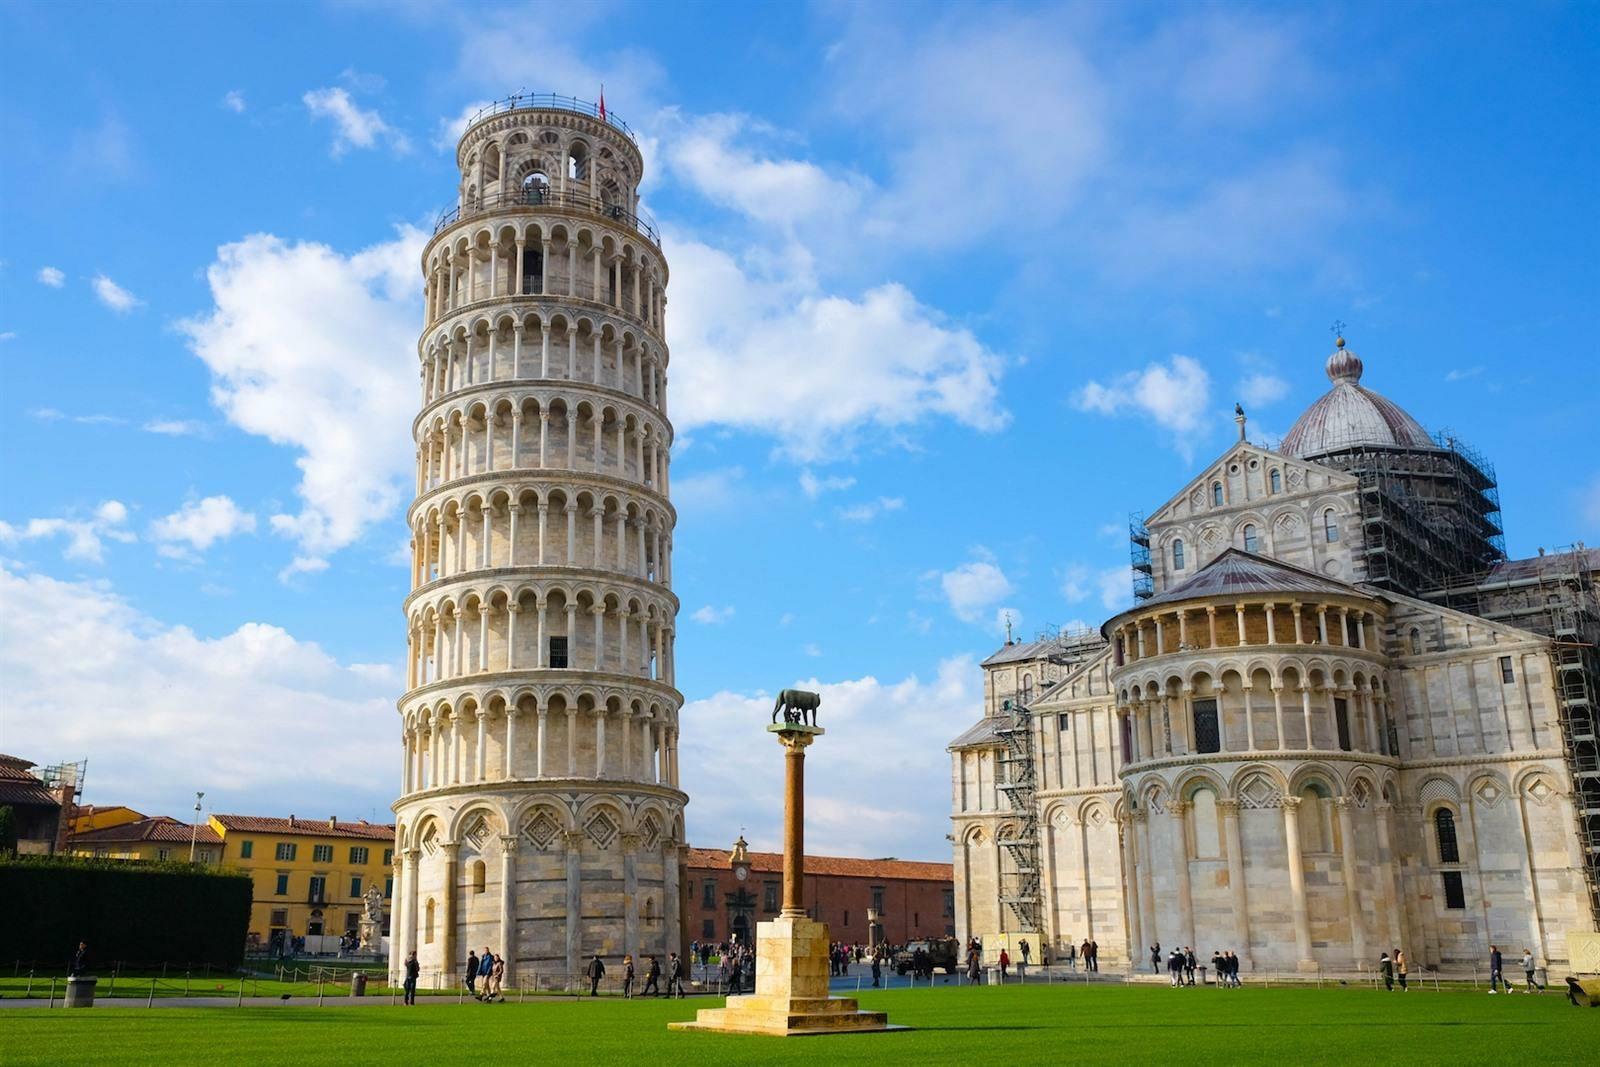 Vliegtickets Week Pisa voor 19.98€